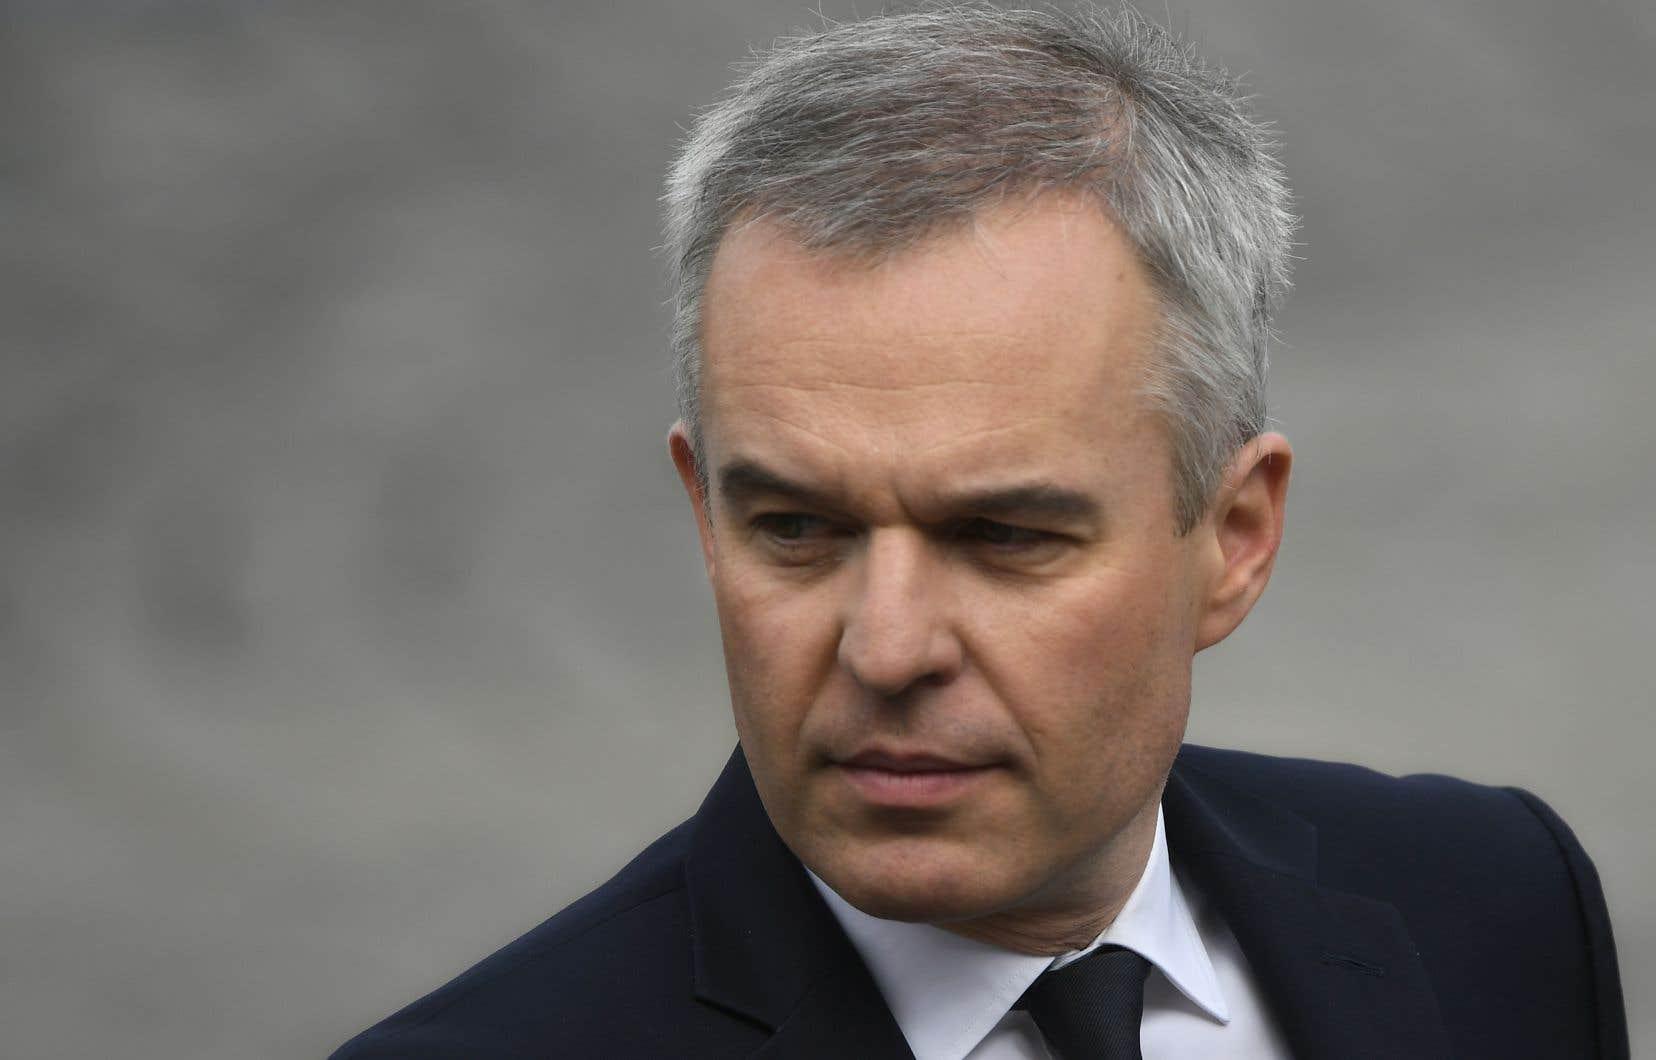 Le site d'information «Mediapart» a révélé que François de Rugy menait un style de vie somptueux aux dépens des contribuables.